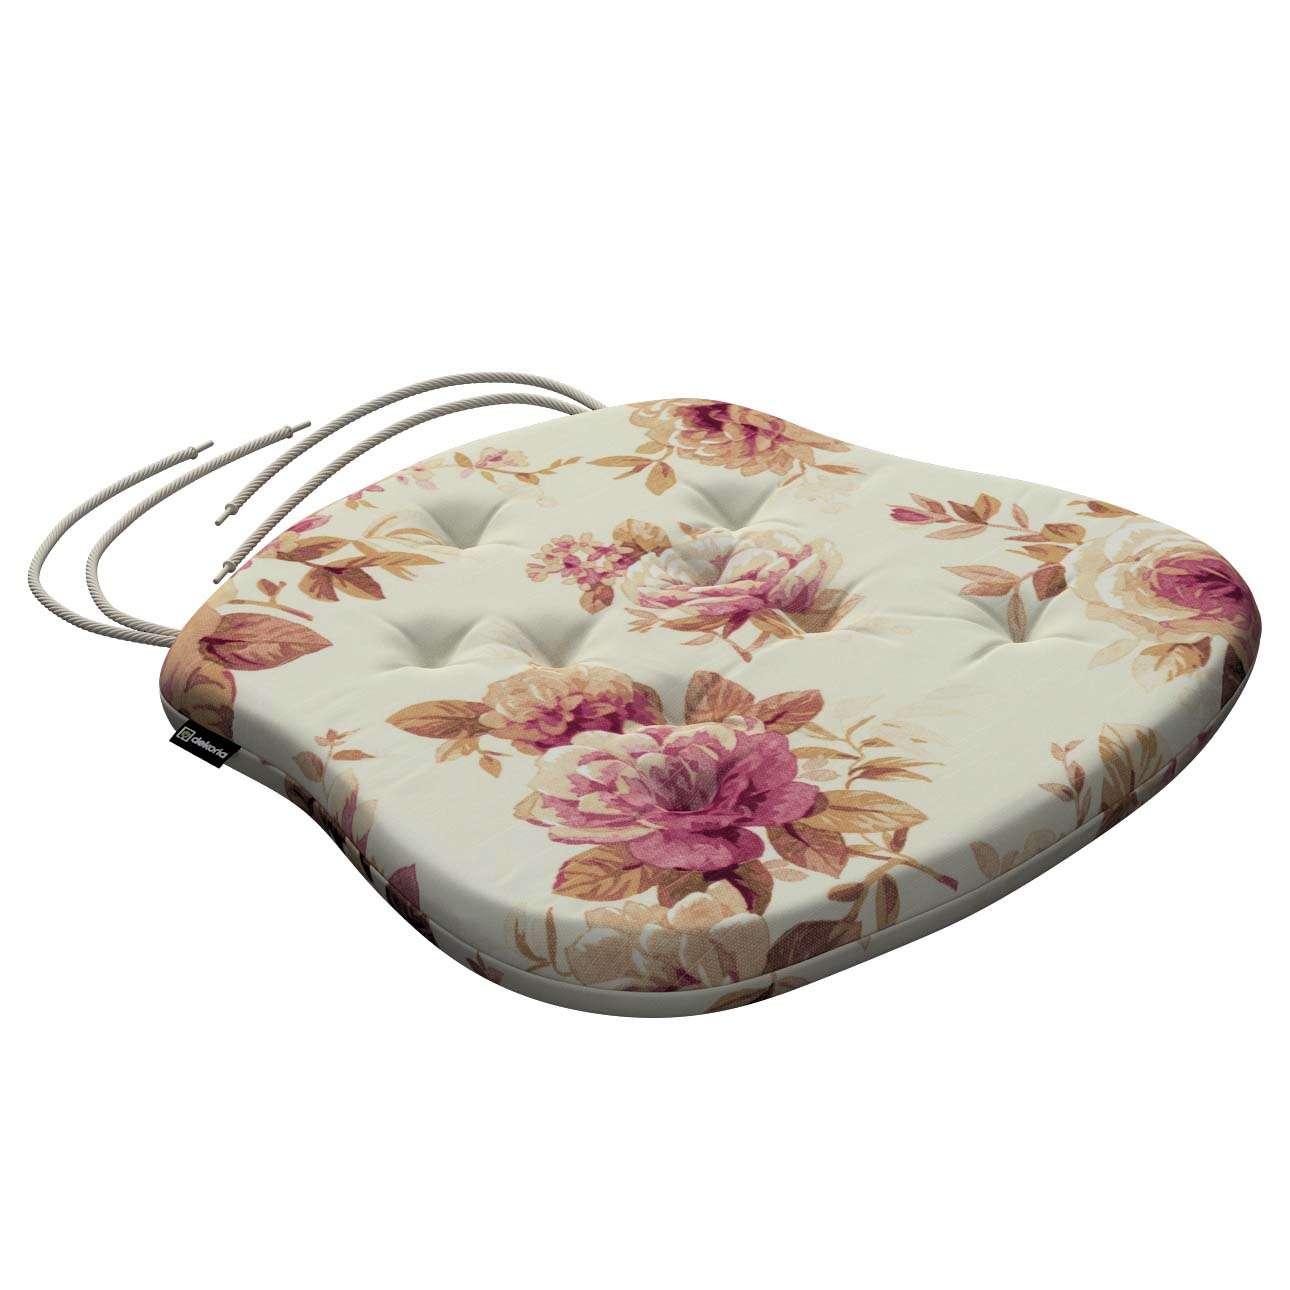 Siedzisko Filip na krzesło 41x38x3,5 cm w kolekcji Mirella, tkanina: 141-06